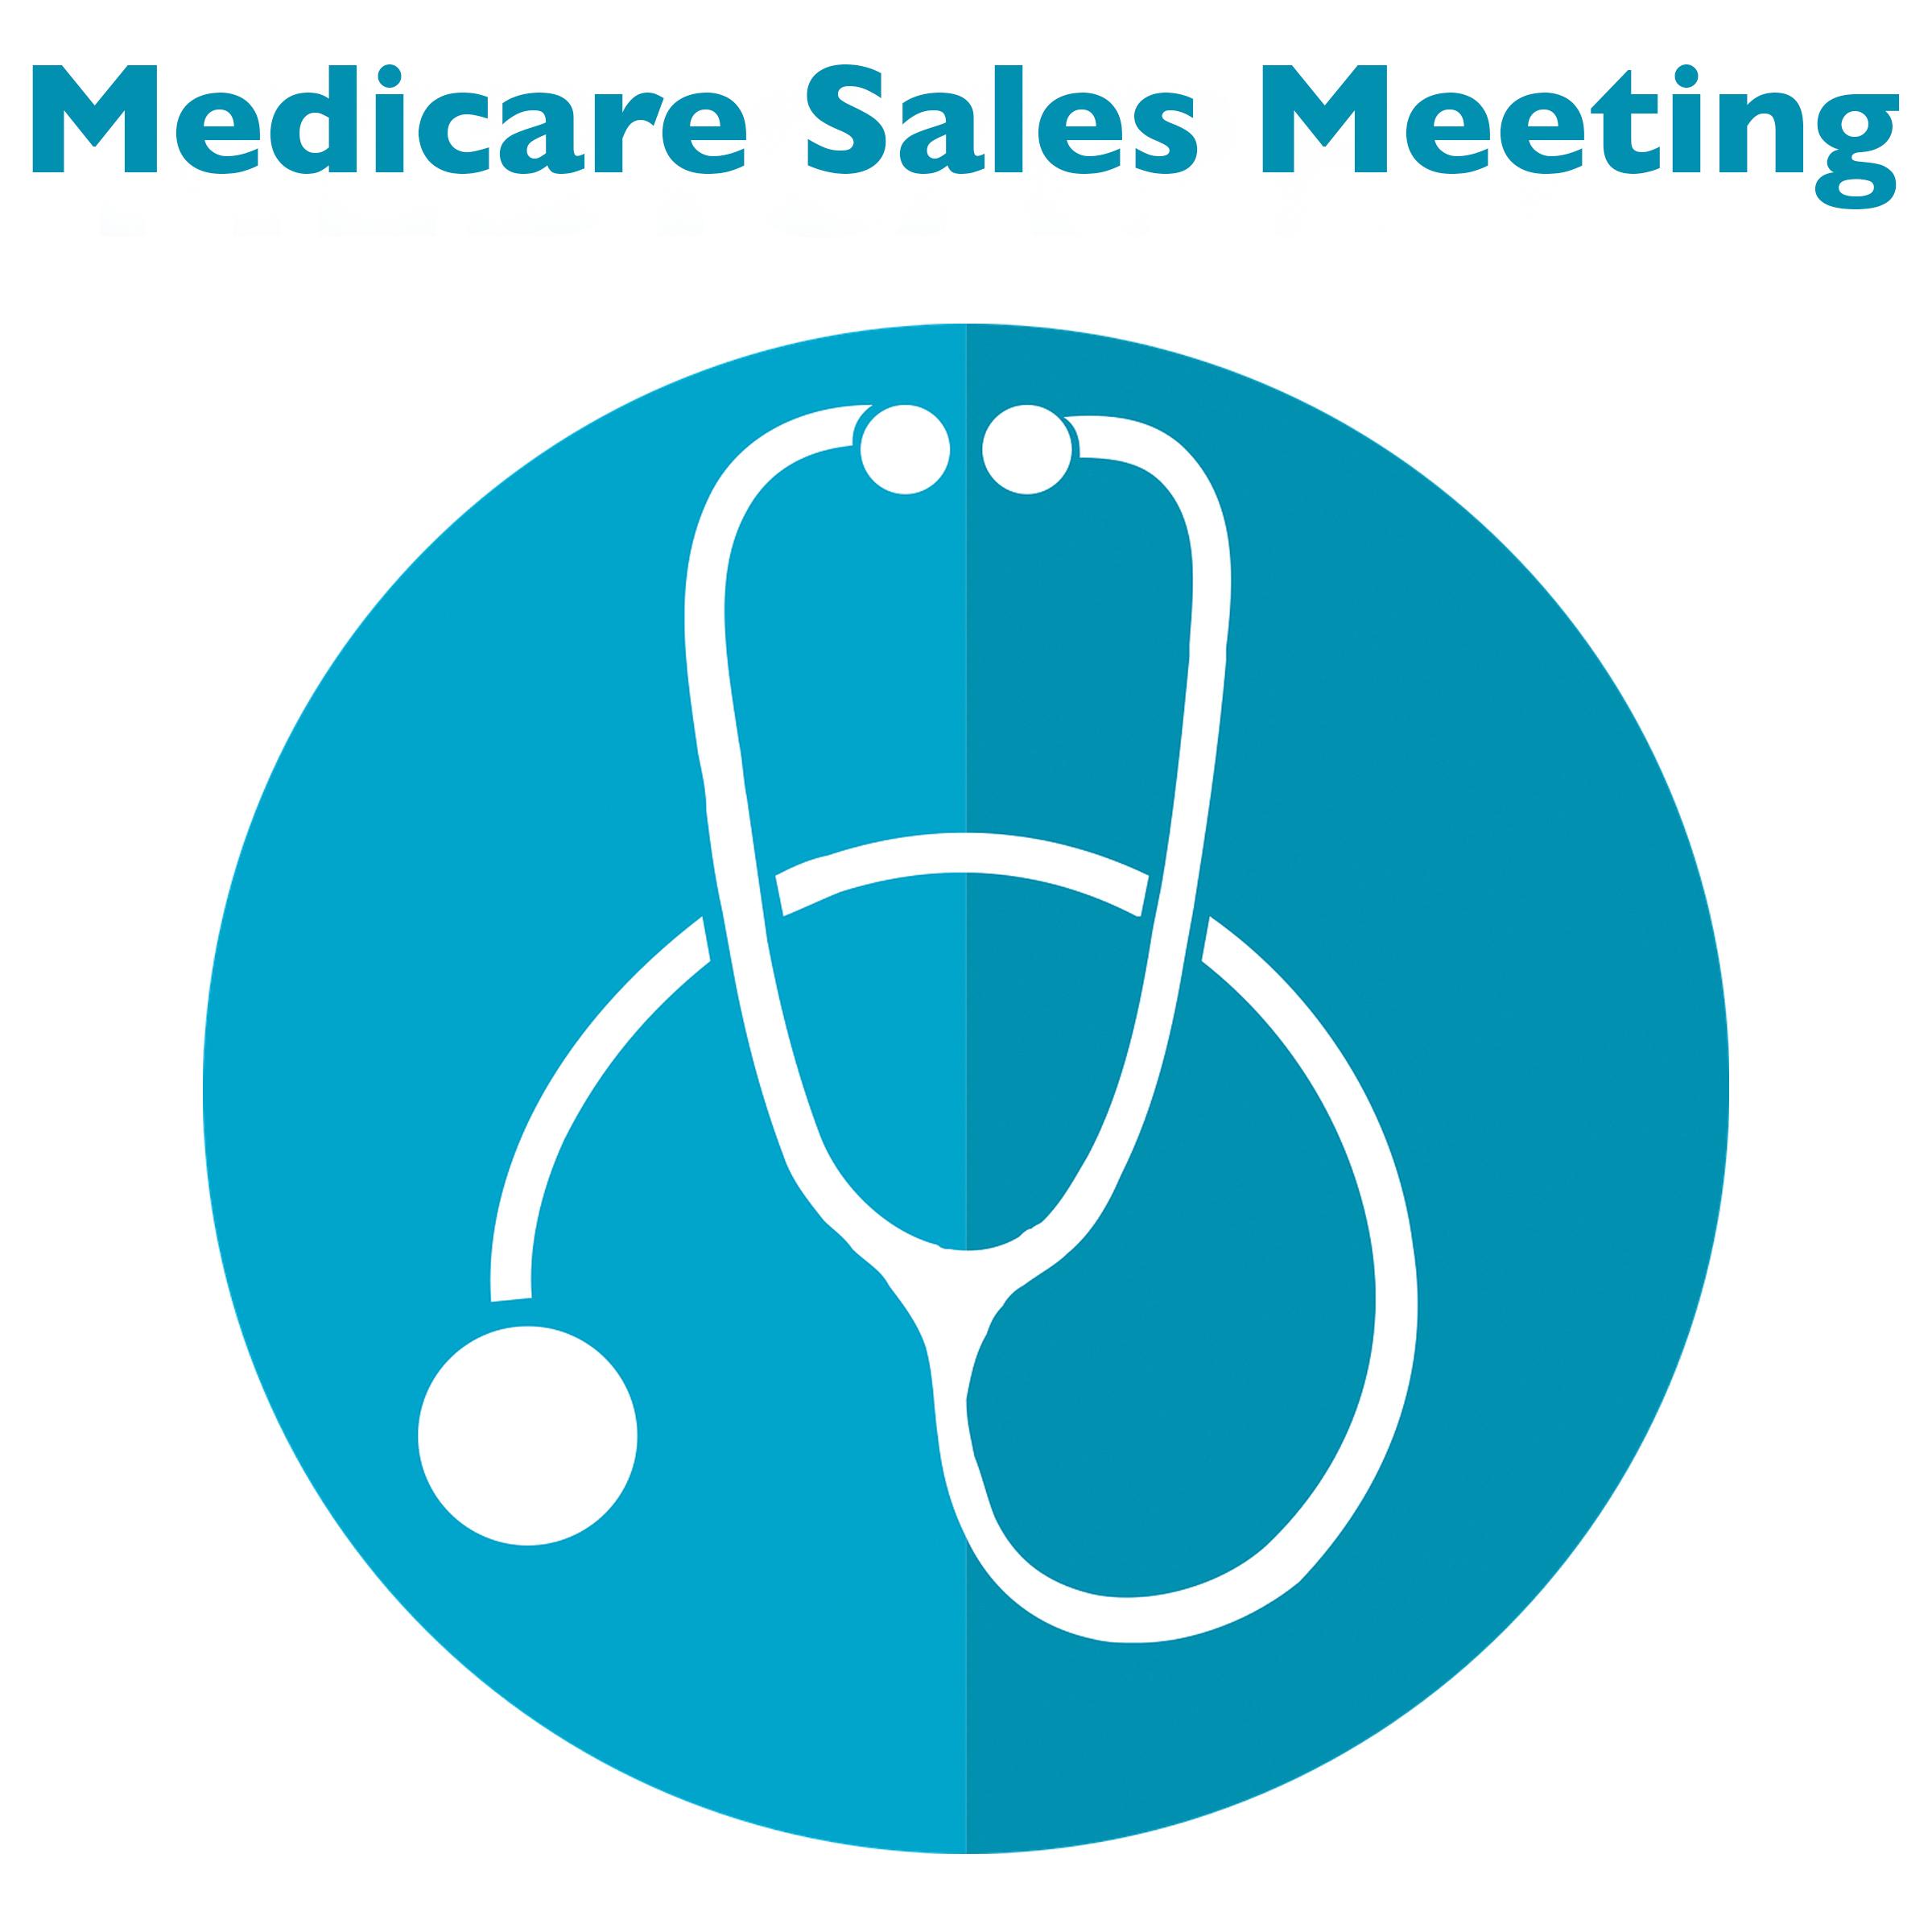 meidcare sales meeting.jpg